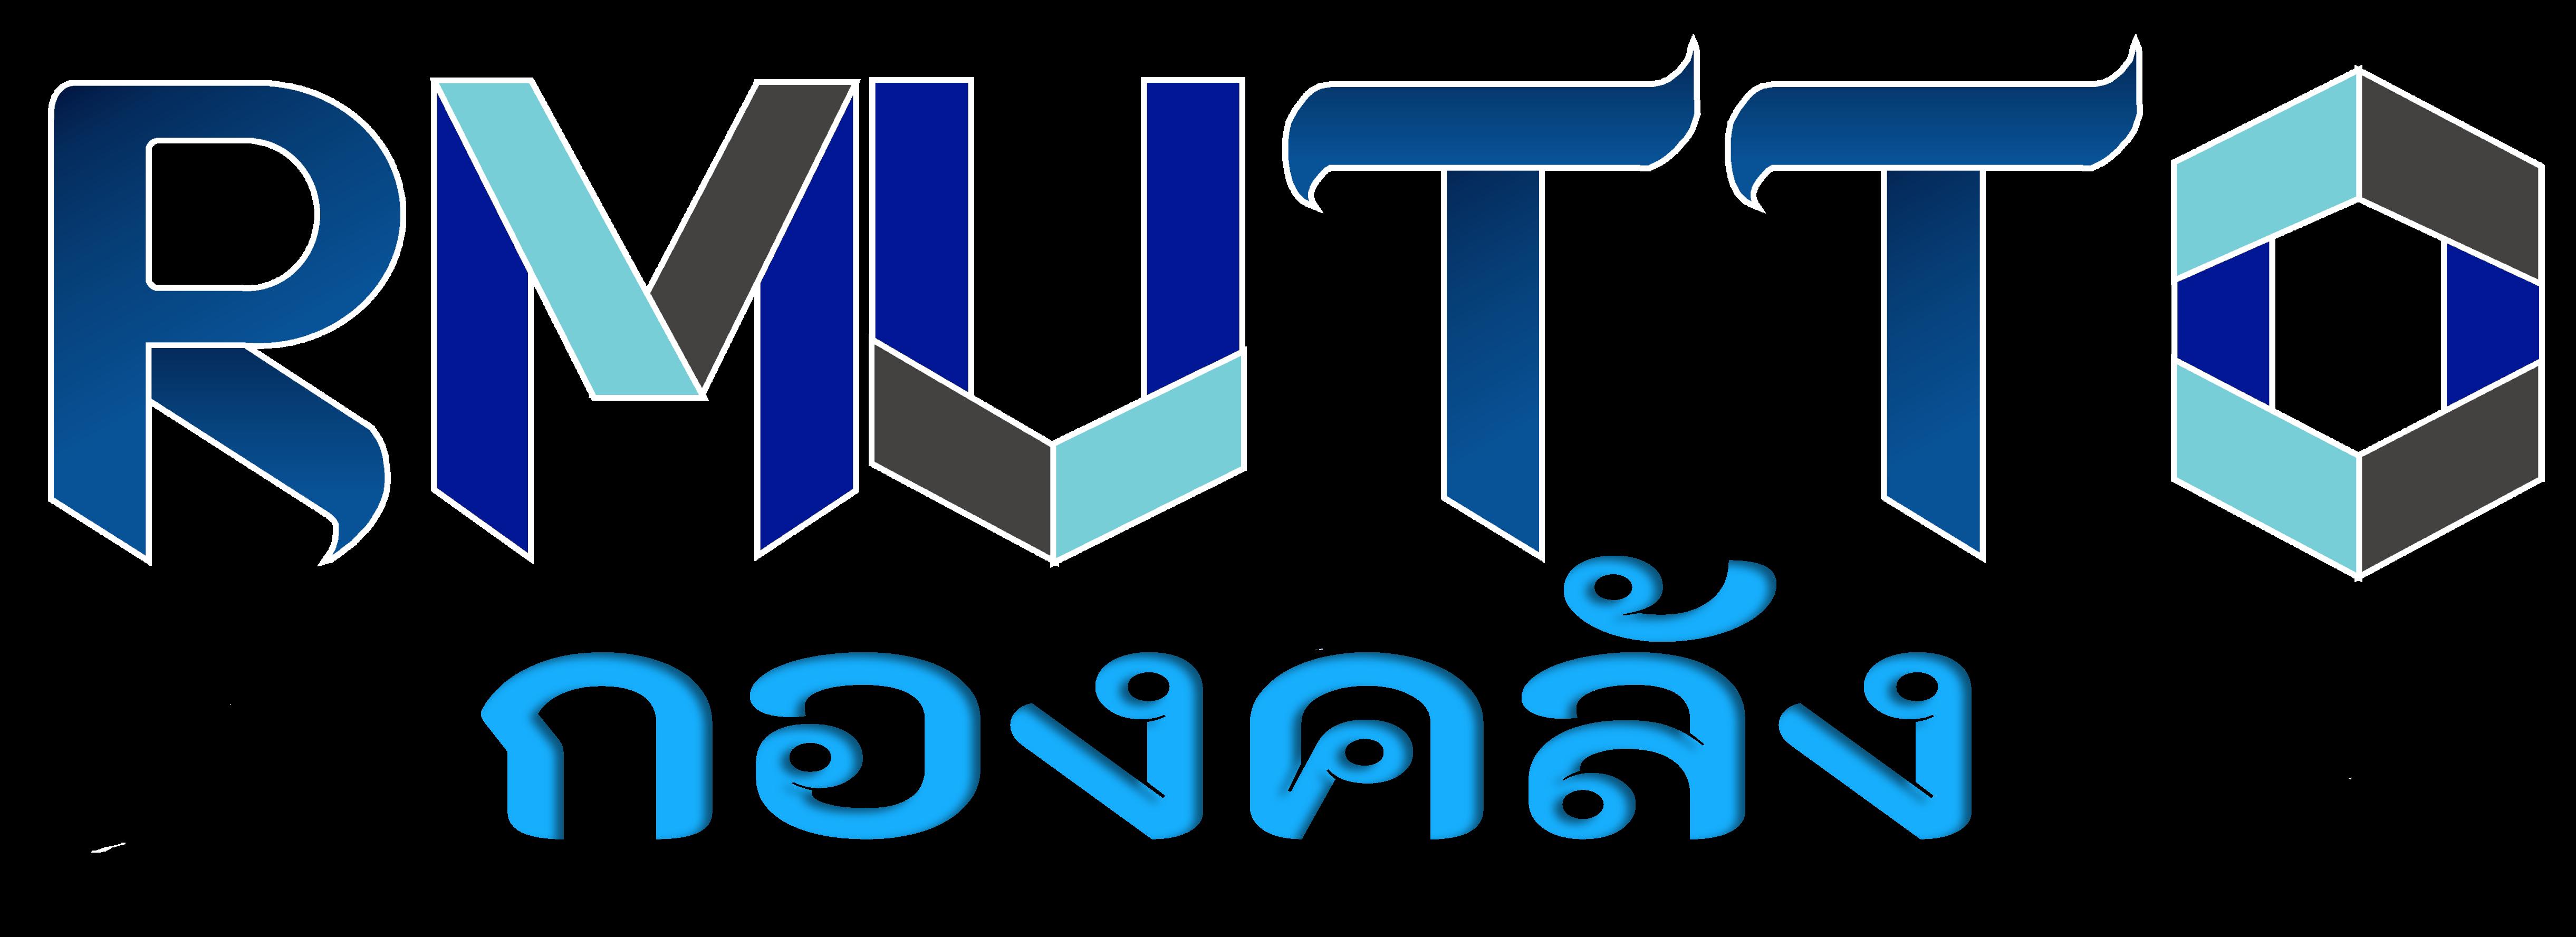 กองคลัง มหาวิทยาลัยเทคโนโลยีราชมงคลตะวันออก